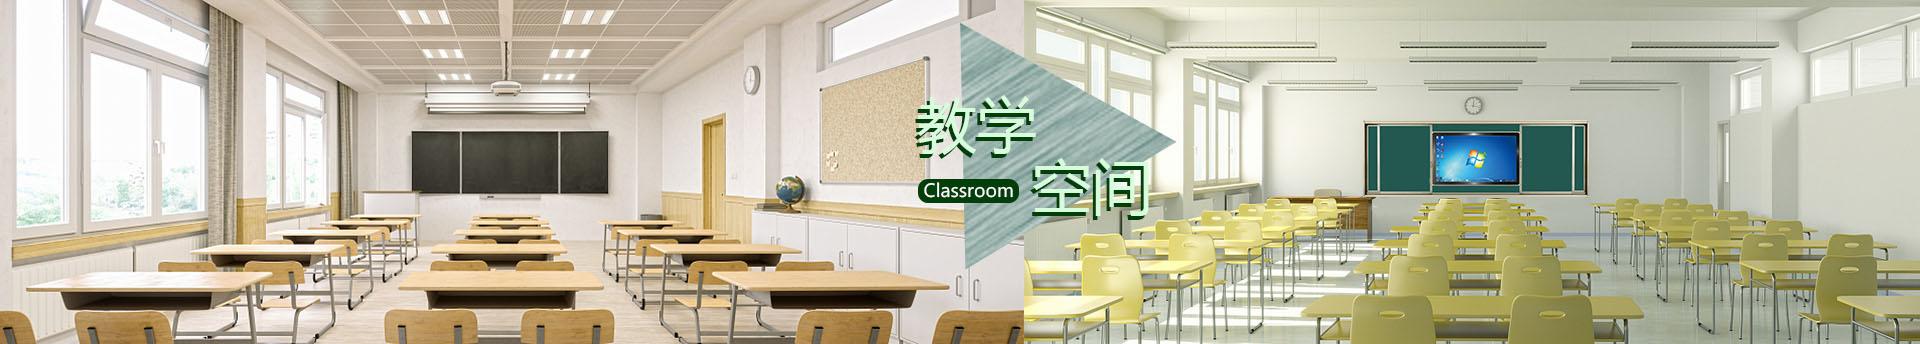 中黄外国语学校-教室家具教学空间设计-教室空间设计-SEEWIN诗敏学校家具解决方案国际学校家具-学生课桌椅-学生宿舍床-未来教室家具-上海诗敏学校家具厂家